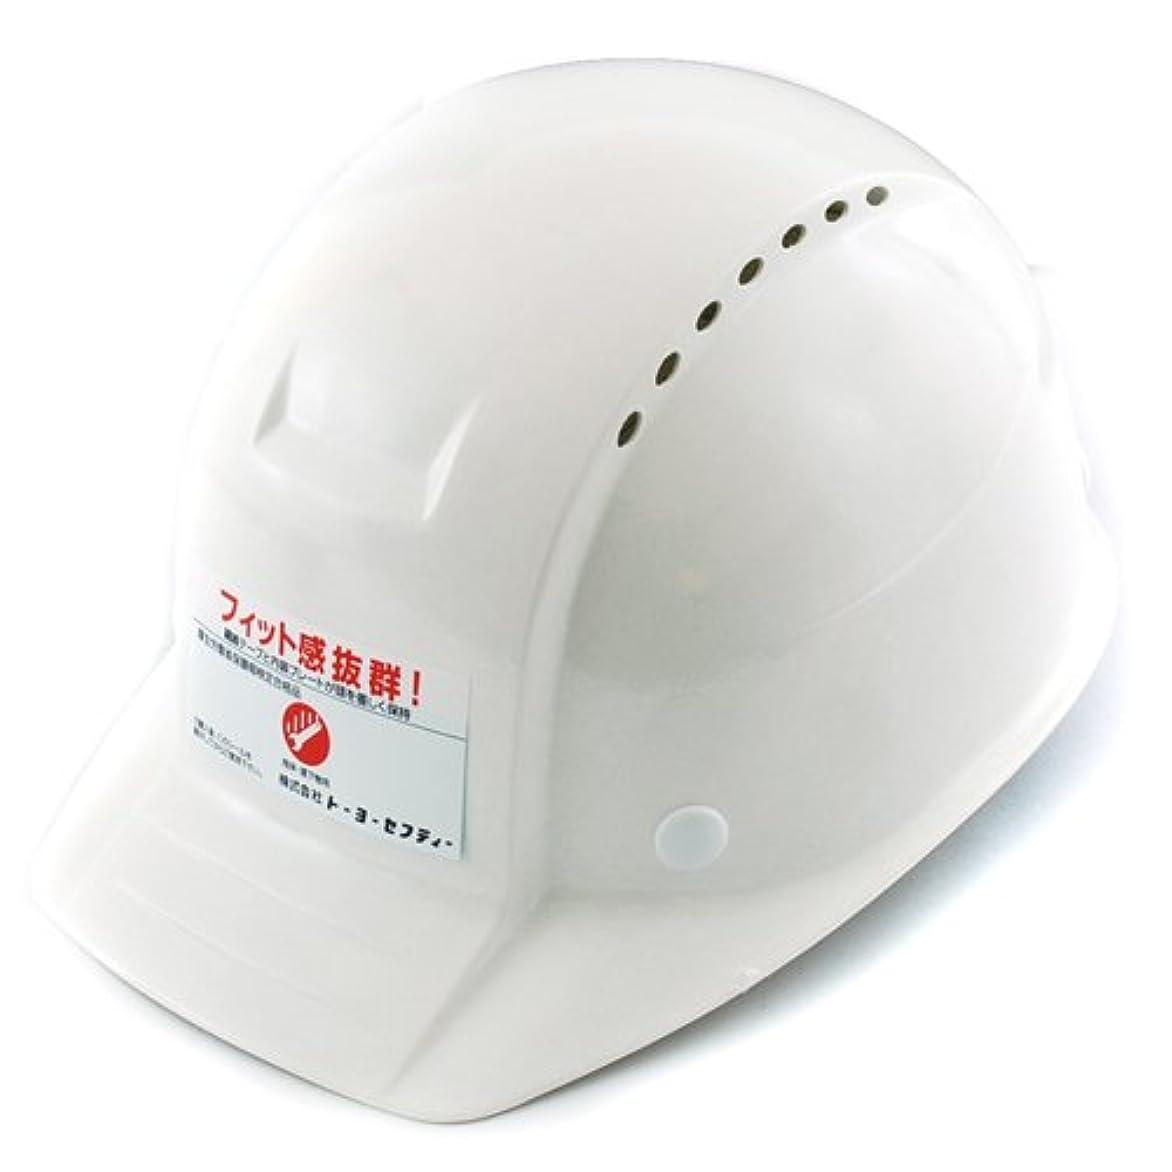 展開する補助金水分TOYO 通気孔付きヘルメット No.260F-OT 白 超軽量FRP製 通気孔